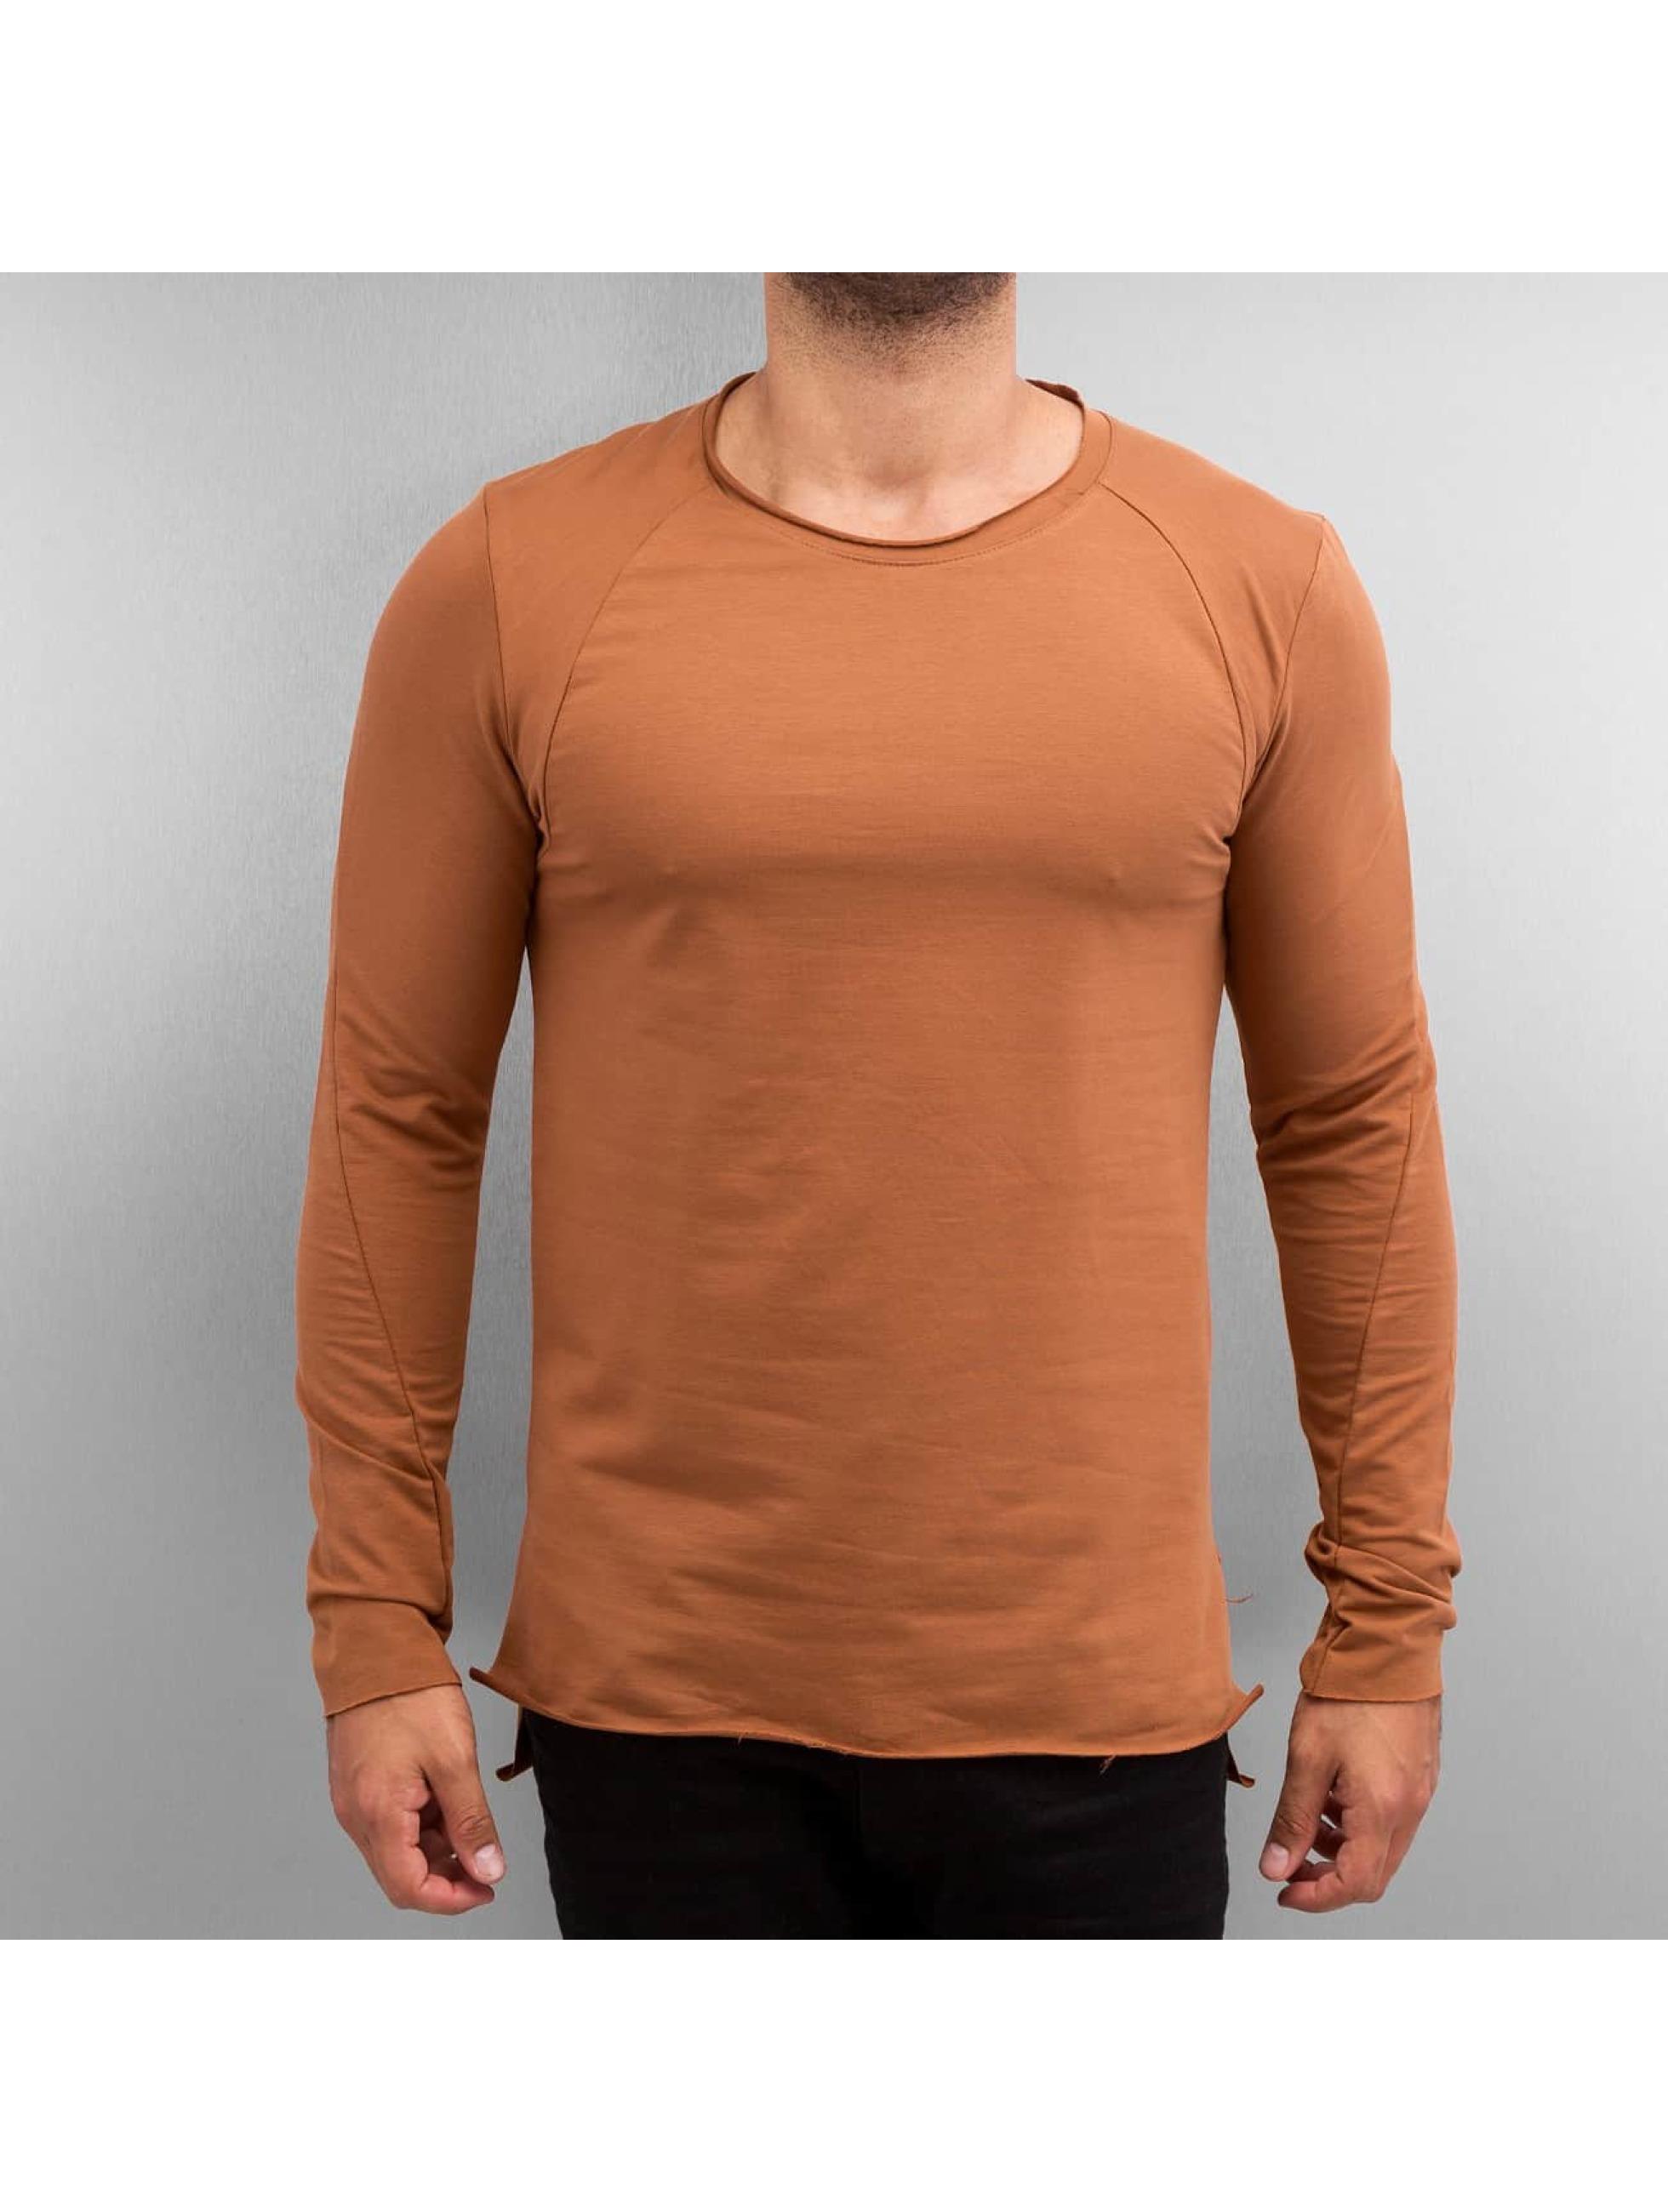 2Y Longsleeve Wendell orange